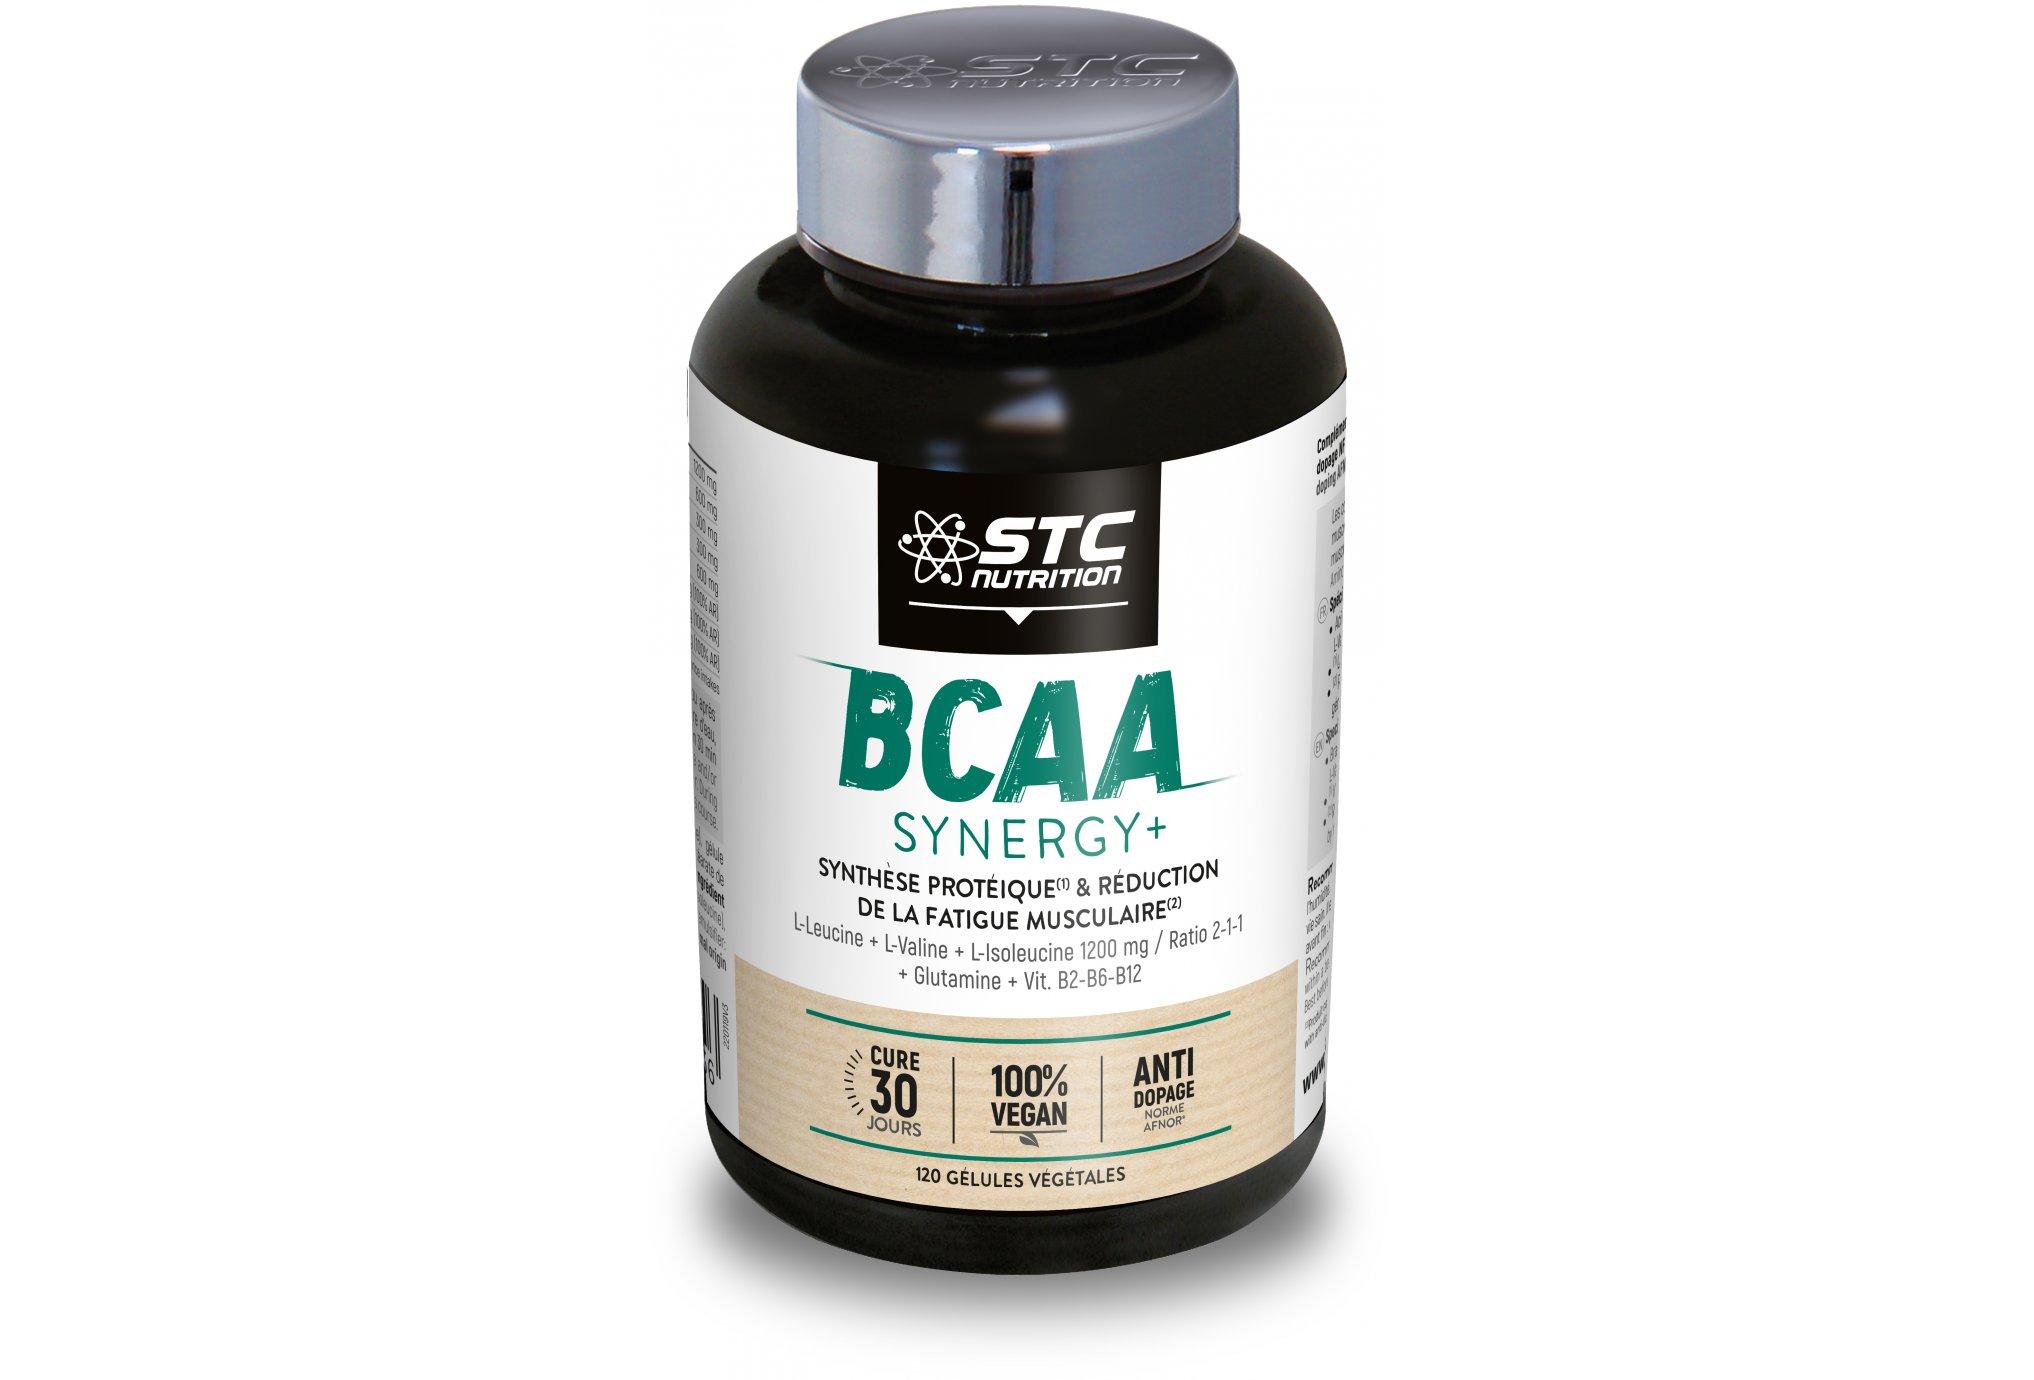 STC Nutrition BCAA Synergy+ 120 gélules - 100% Vegan Diététique Compléments